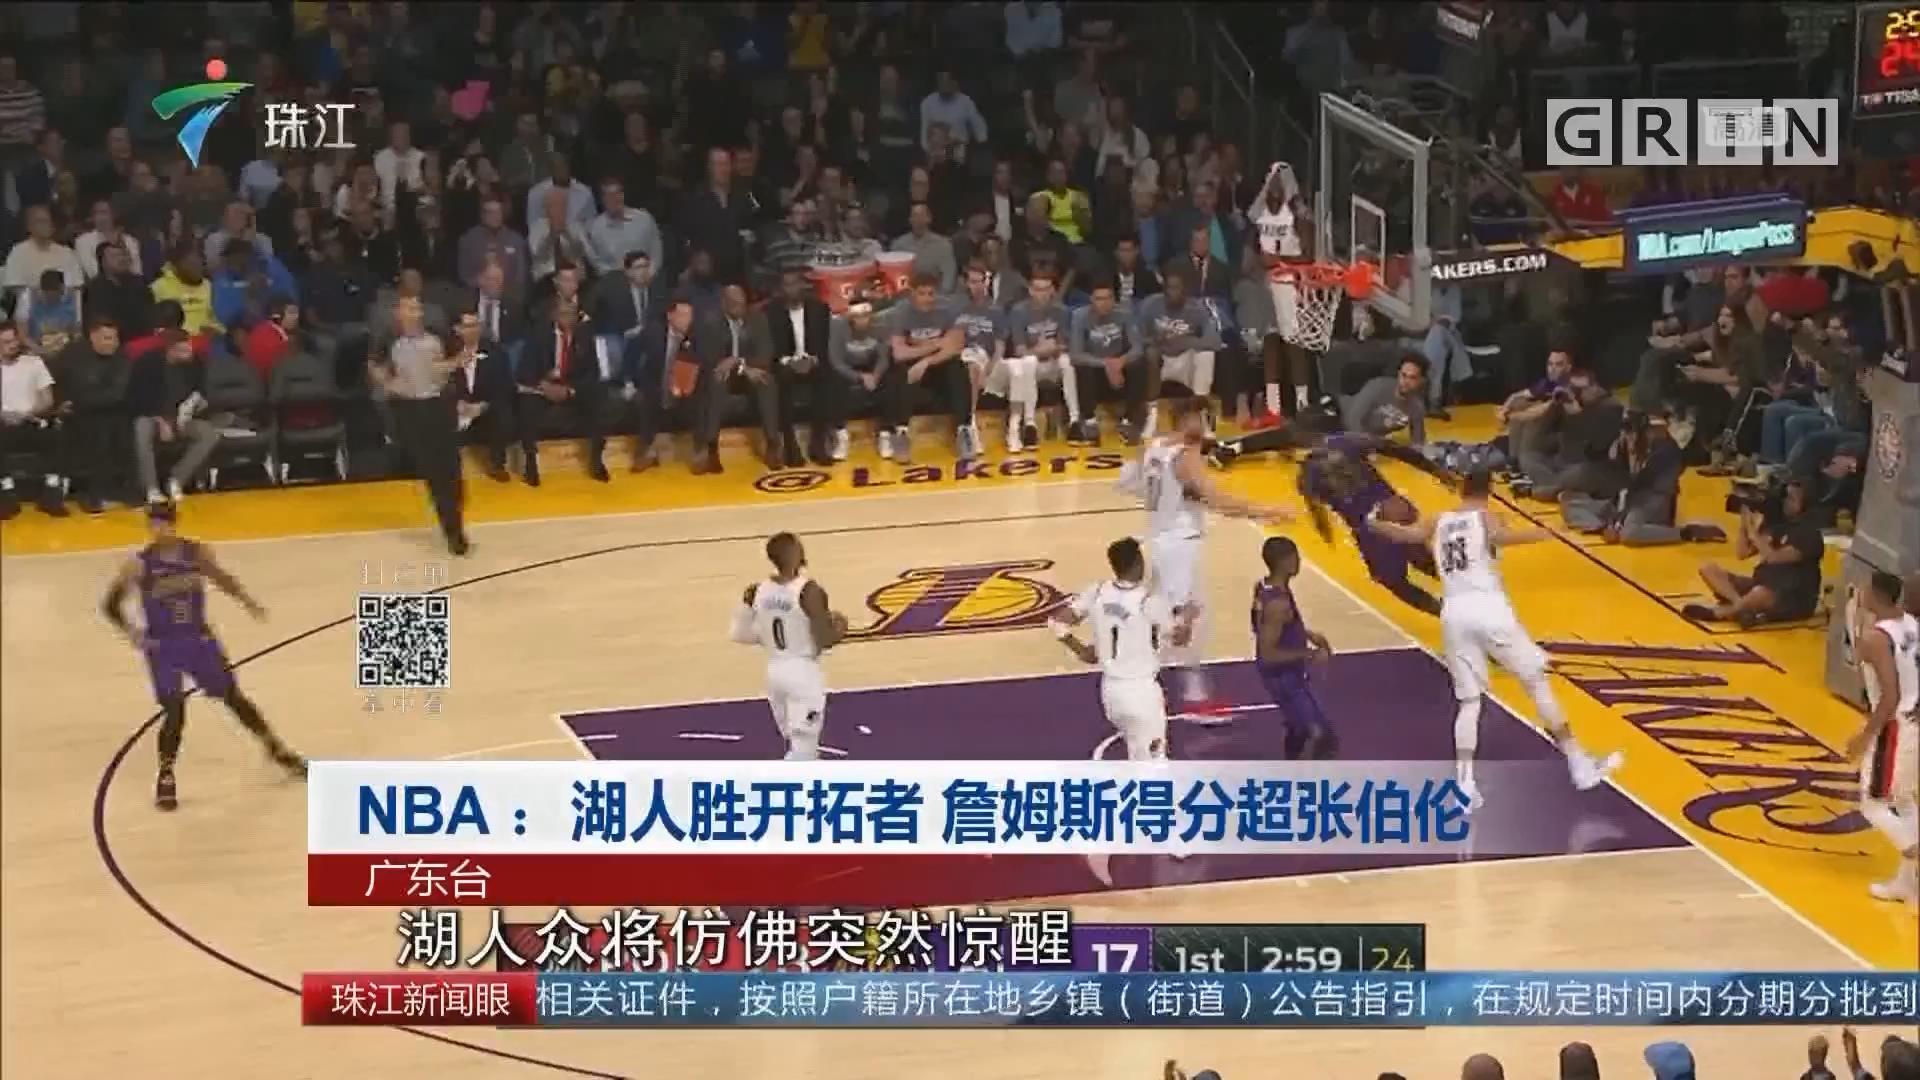 NBA:湖人胜开拓者 詹姆斯得分超张伯伦